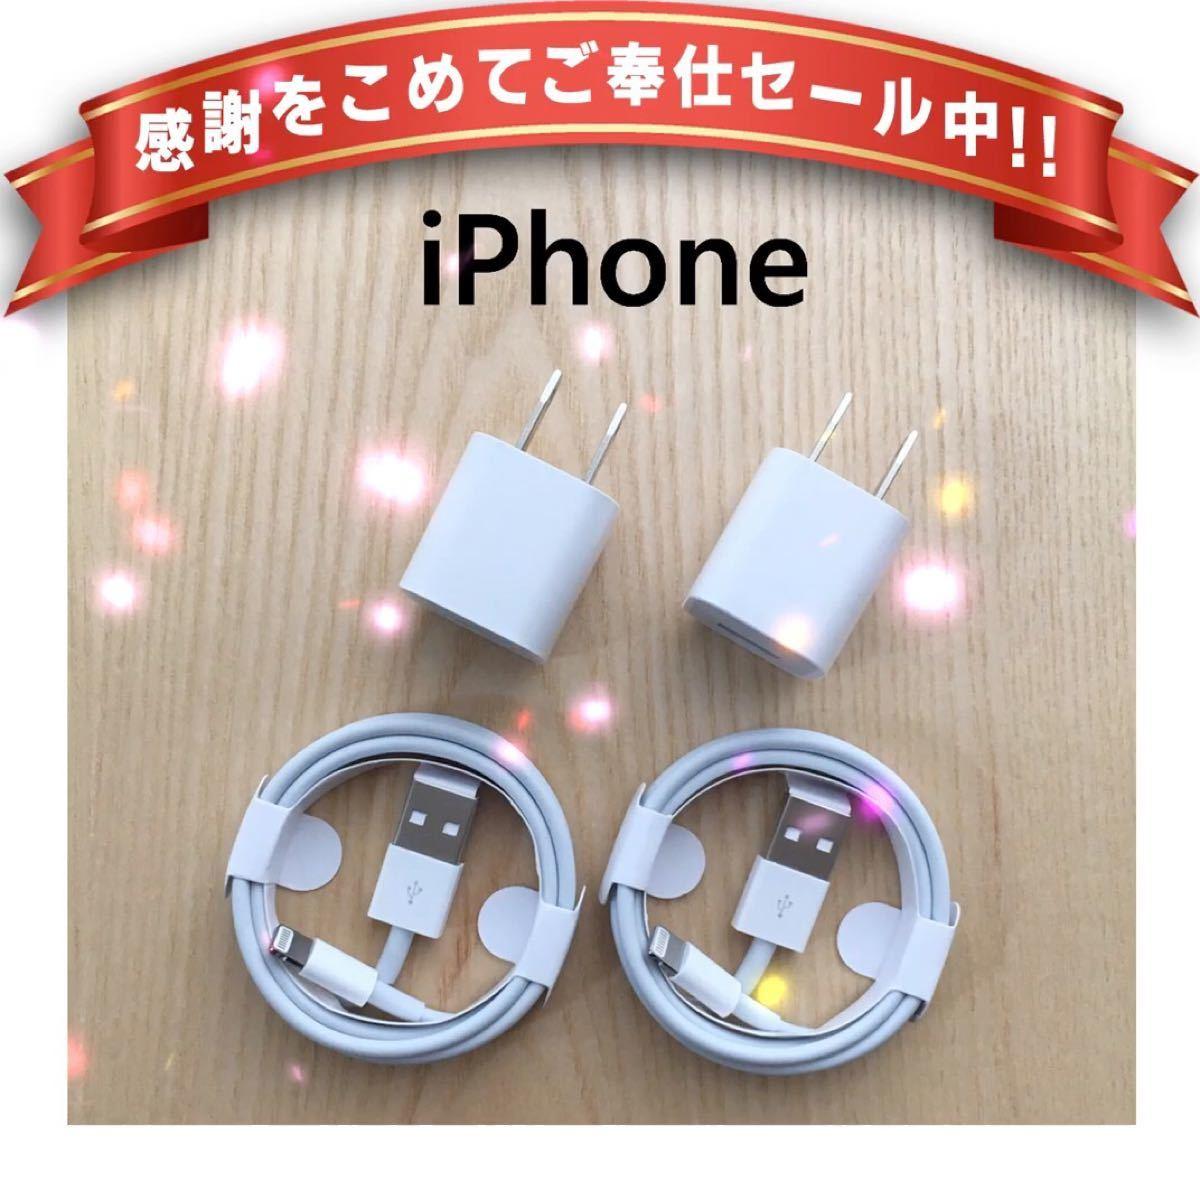 iPhone lightningcable ライトニングケーブル 充電器 コード 4点セット セール 格安 スマホ アクセサリー